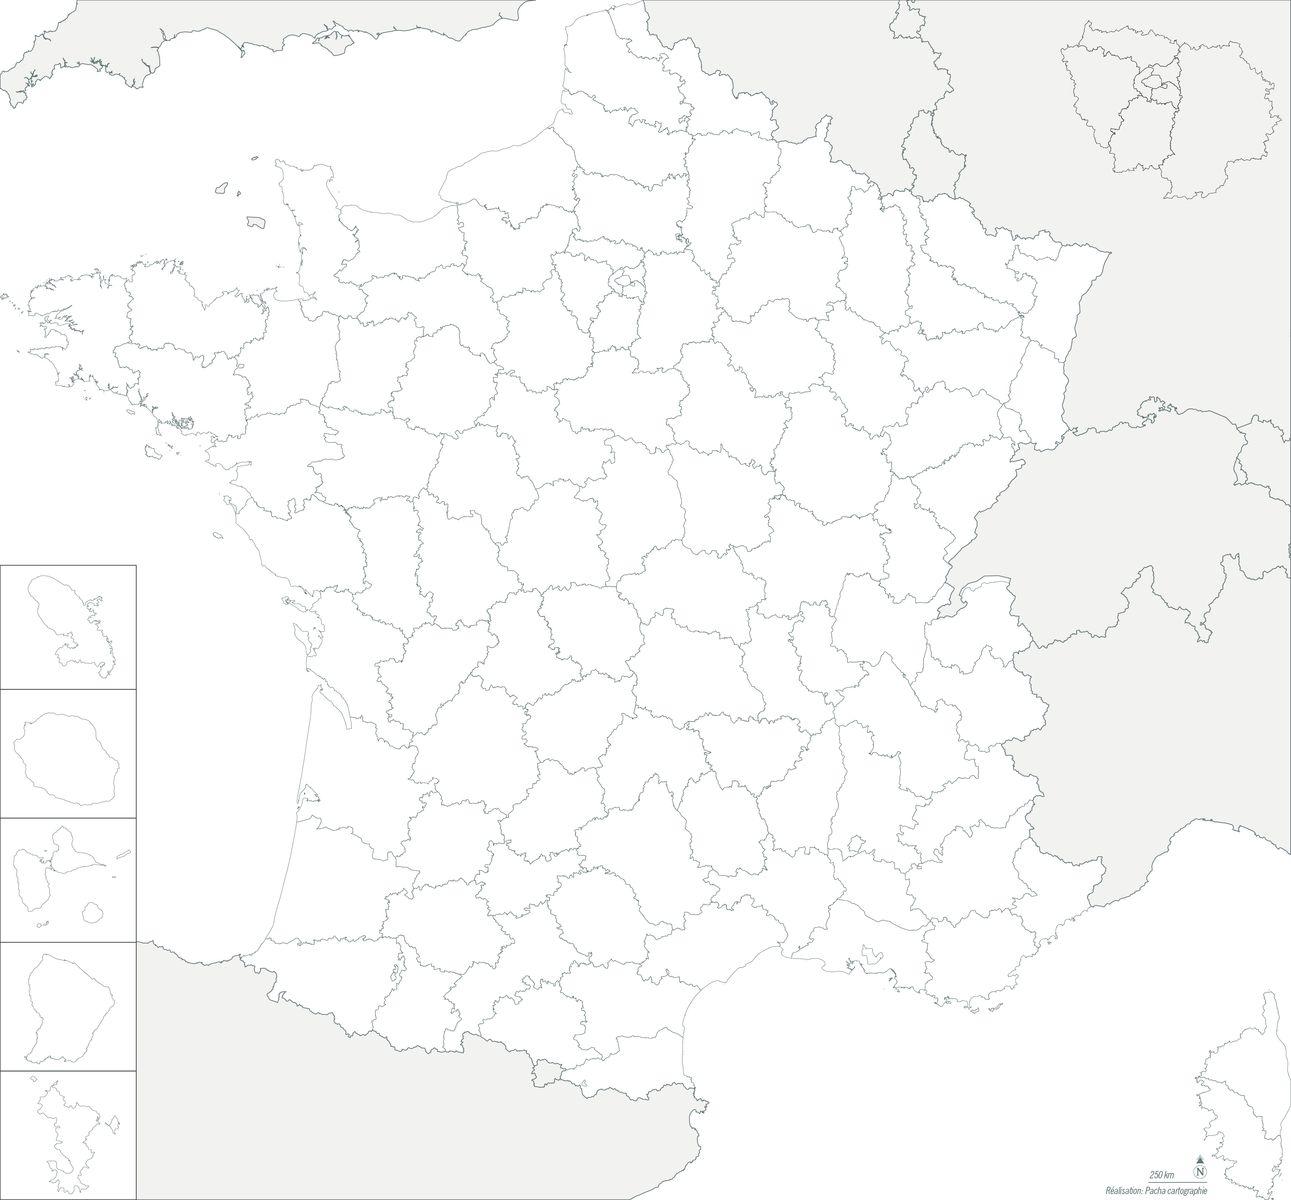 Fond de carte France - Régions et départements - Guillaume Sciaux - Cartographe professionnel